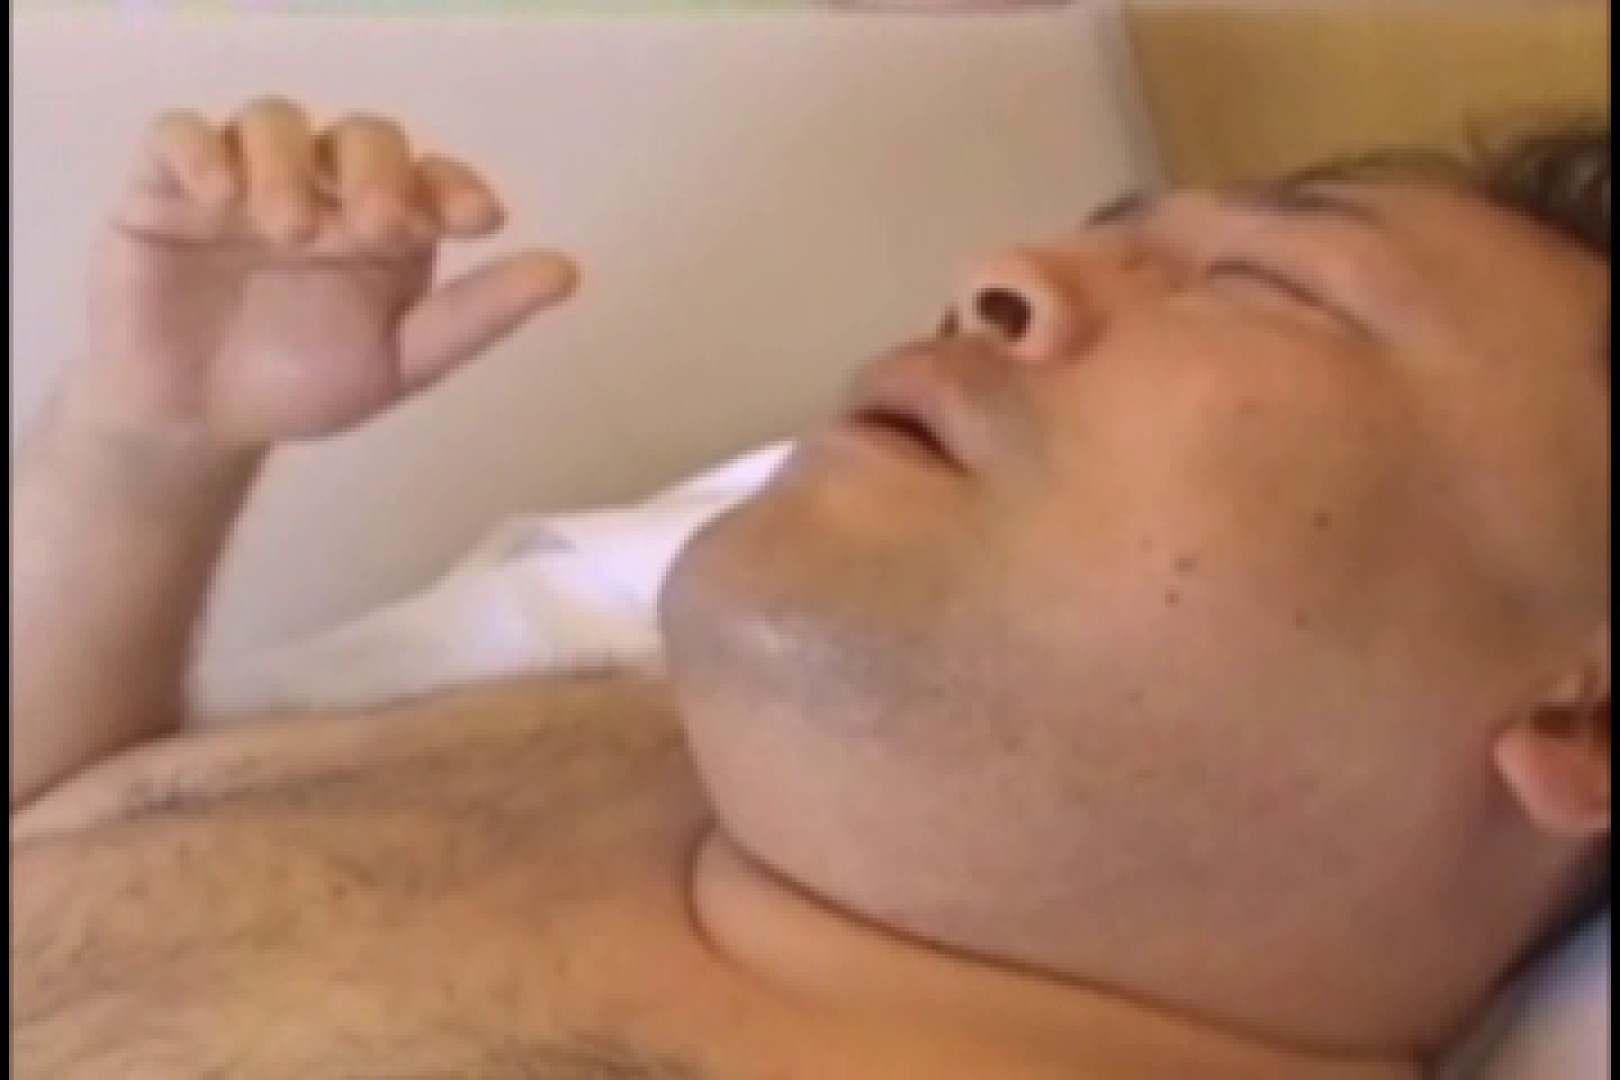 中年旦那の発情記 ゲイのオナニー映像  99枚 18